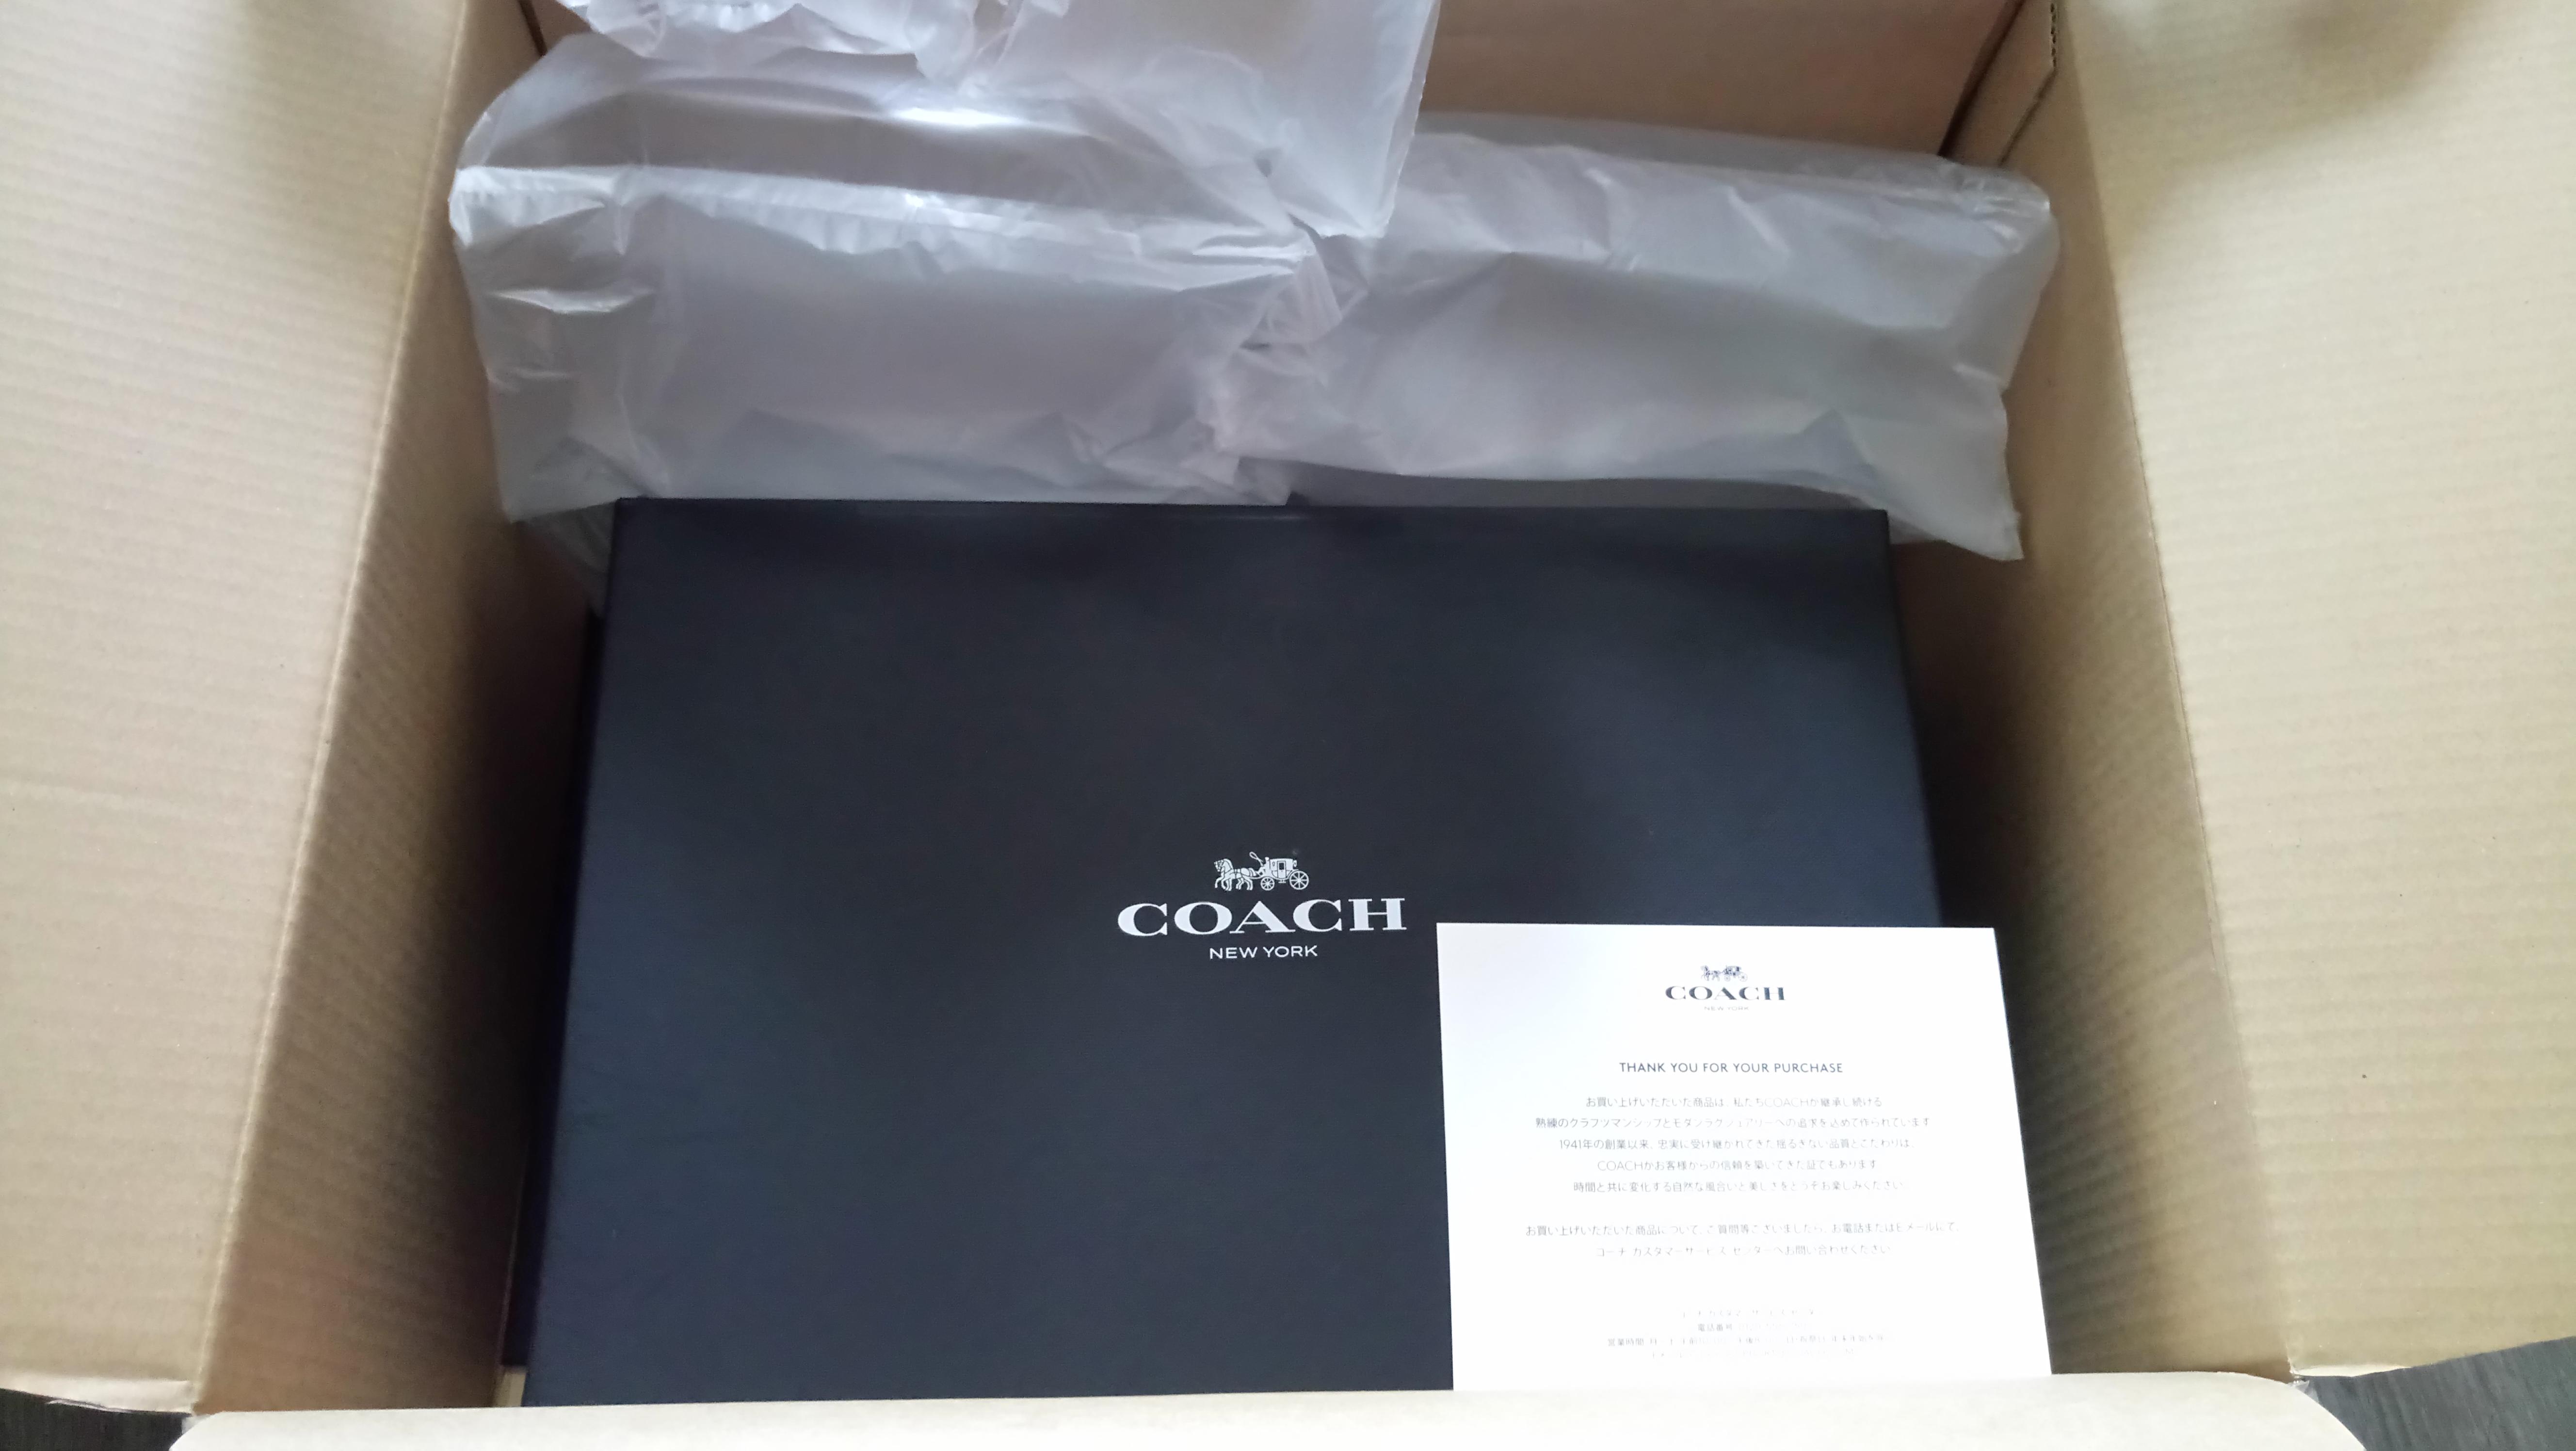 ハイブランド(COACH)のスリッポン(メンズ)を買ってみました!